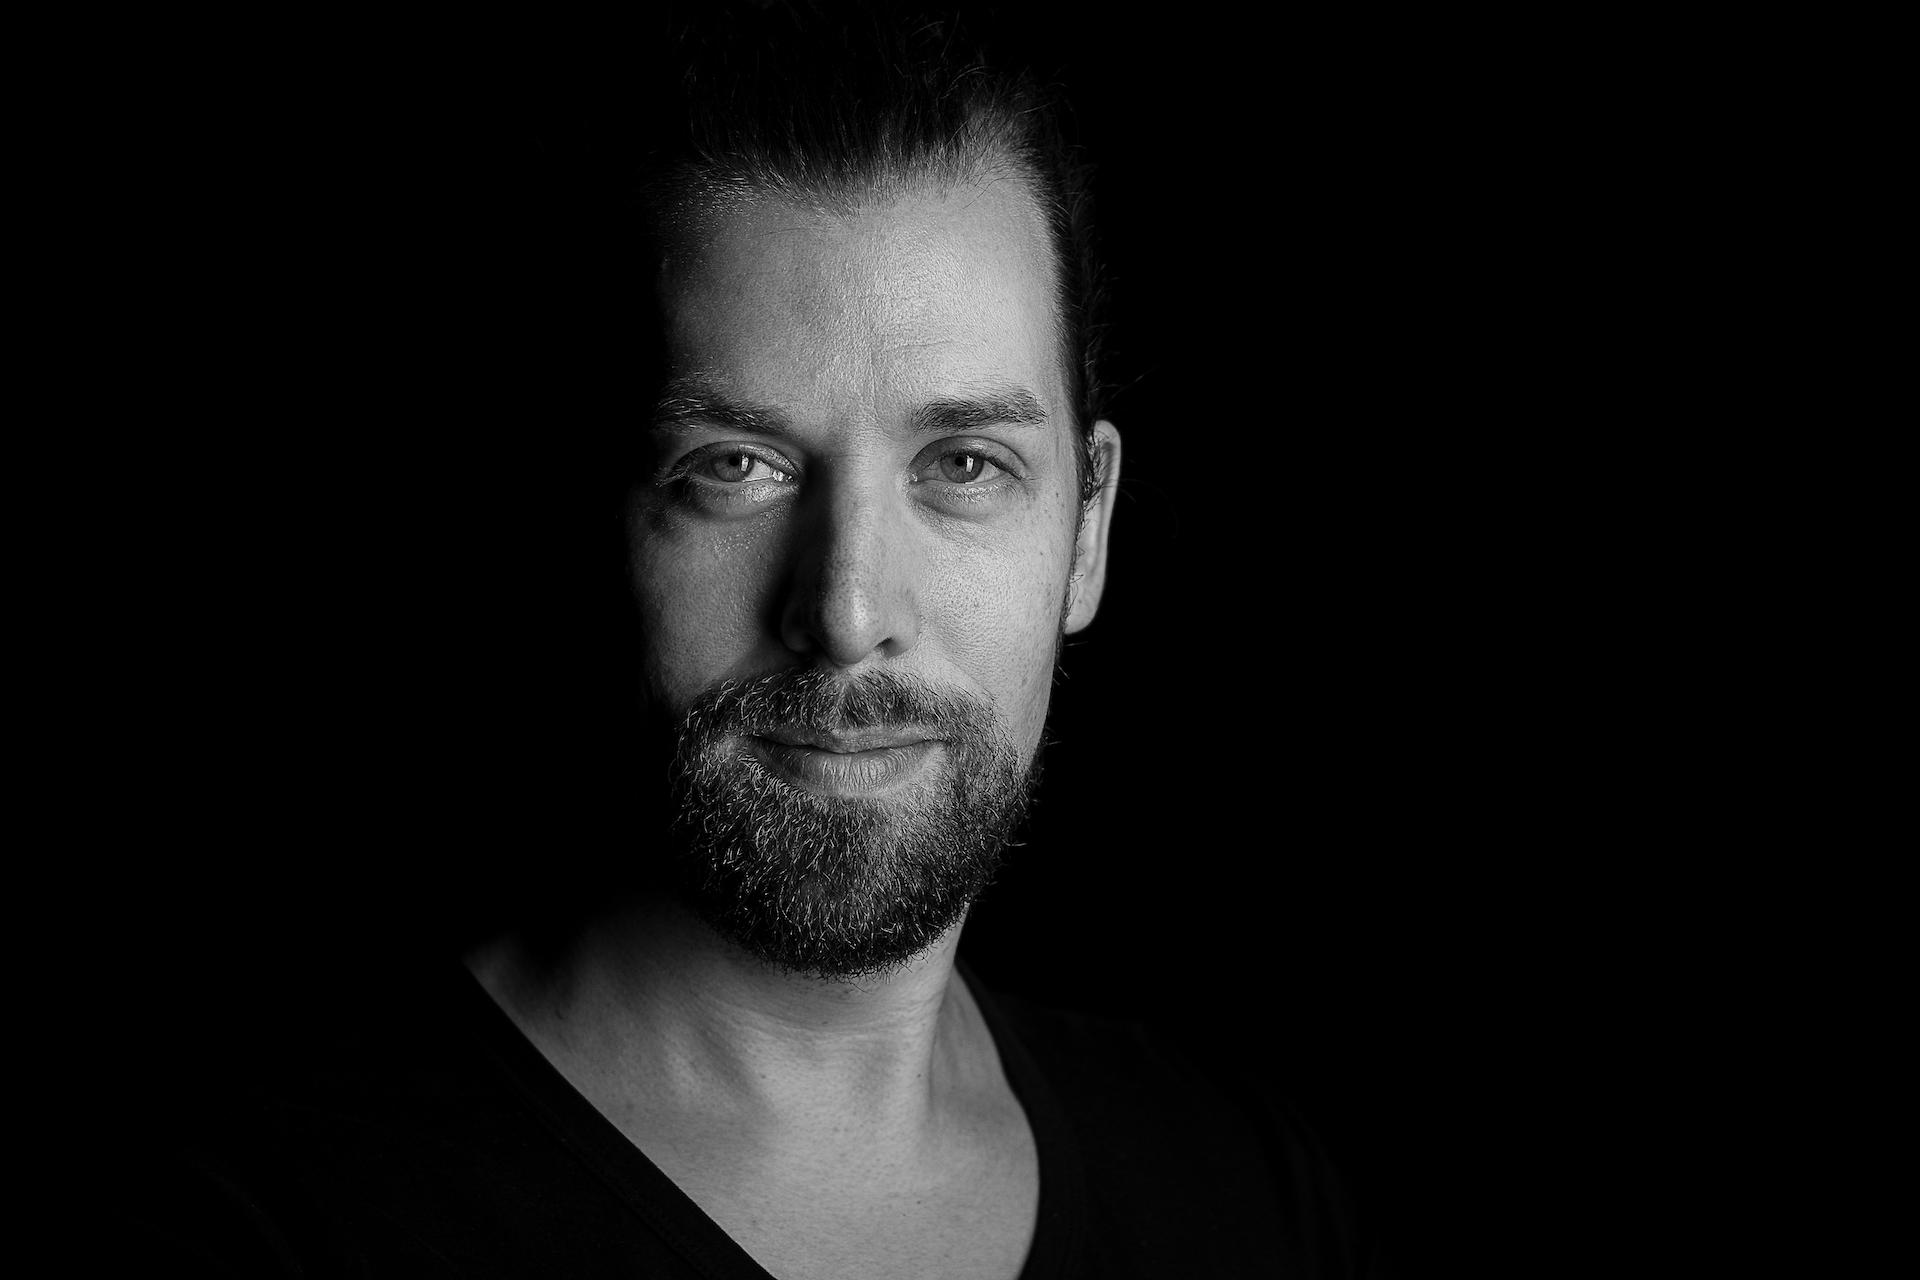 Portrait von Tobias Schmitz